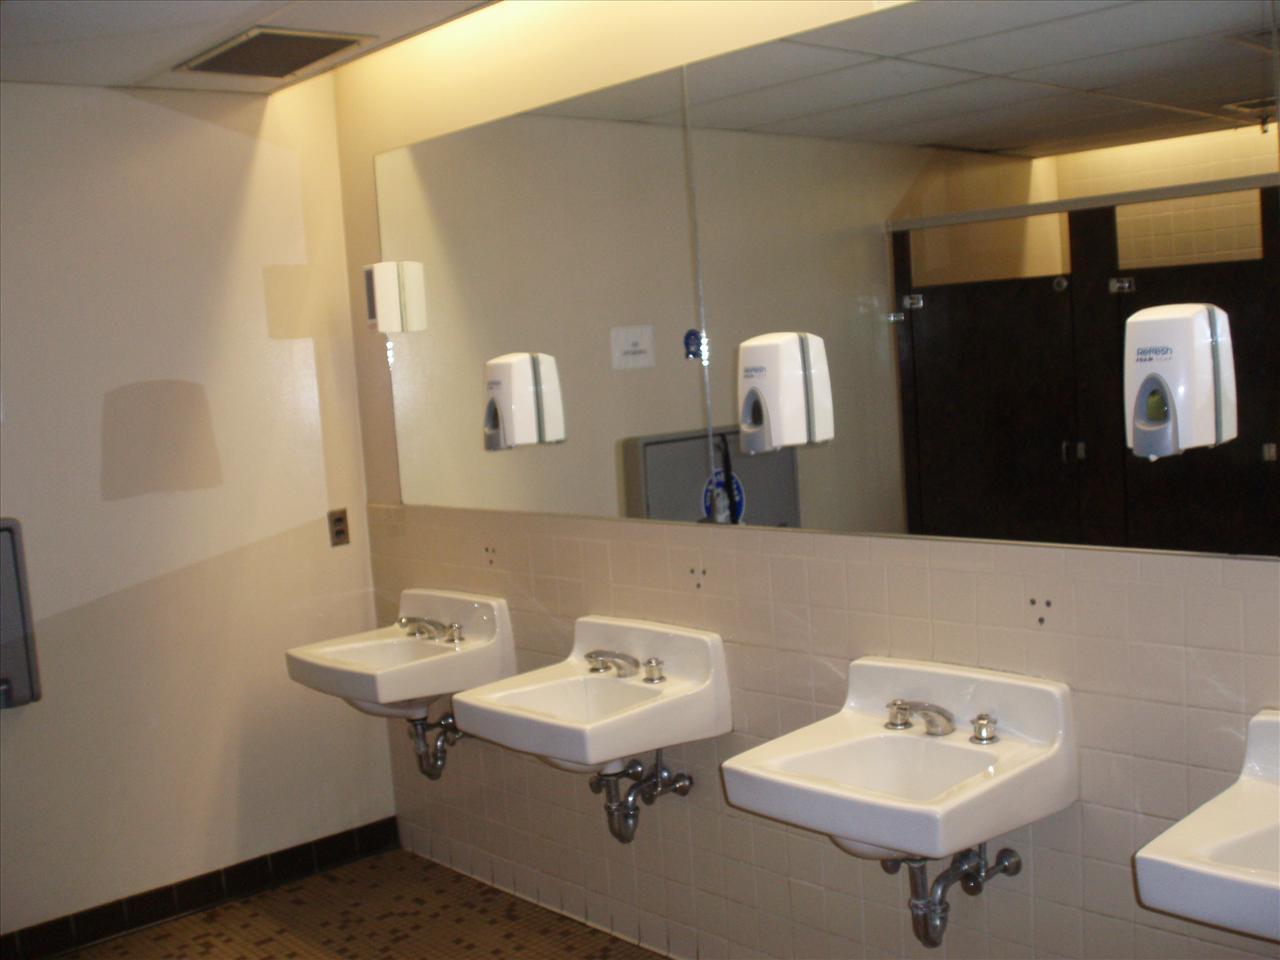 C r my comfort room makatanghel for Public bathroom sink